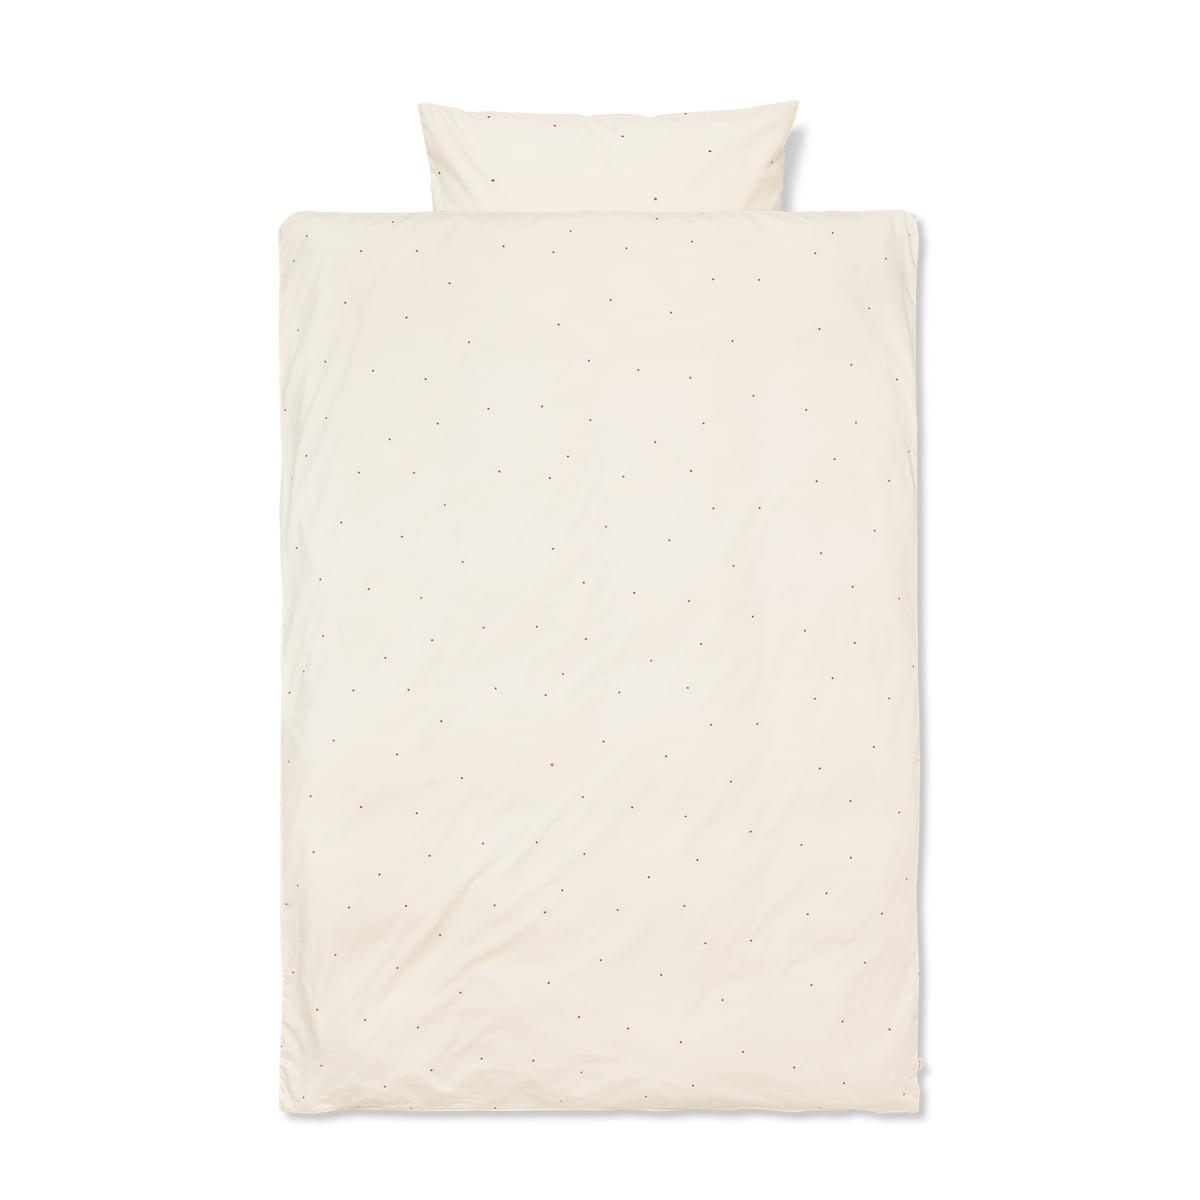 ferm LIVING - Dot Bettwäsche 140 x 200 cm / 63 x 60 cm (DK), off white